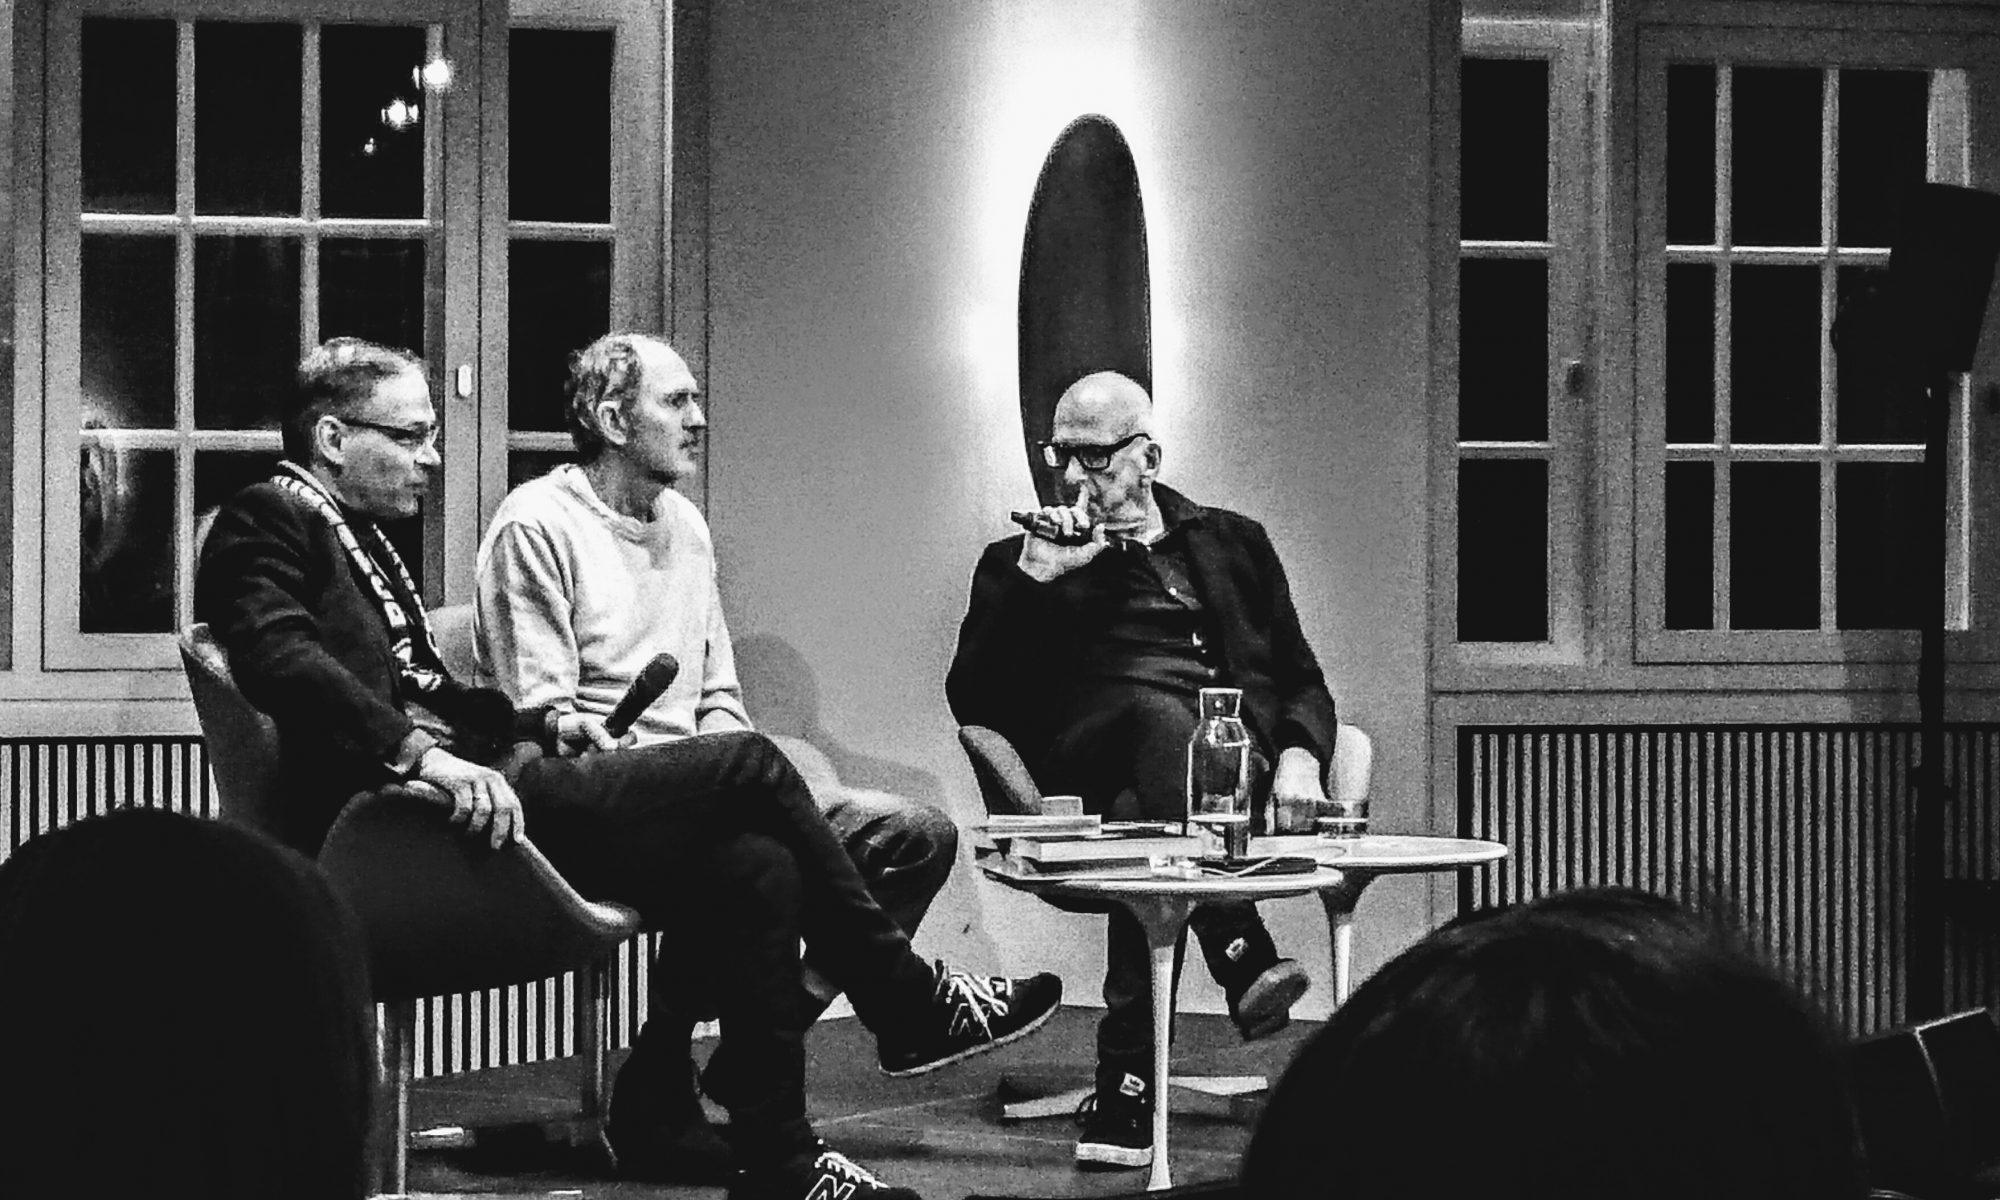 Exhibition, Photographie, Anton Corbijn, Bucerius Kunst Forum, Hamburg, Popmusic, Talk, Daniel Miller, Mute Records, Max Dax, Musicjournalist